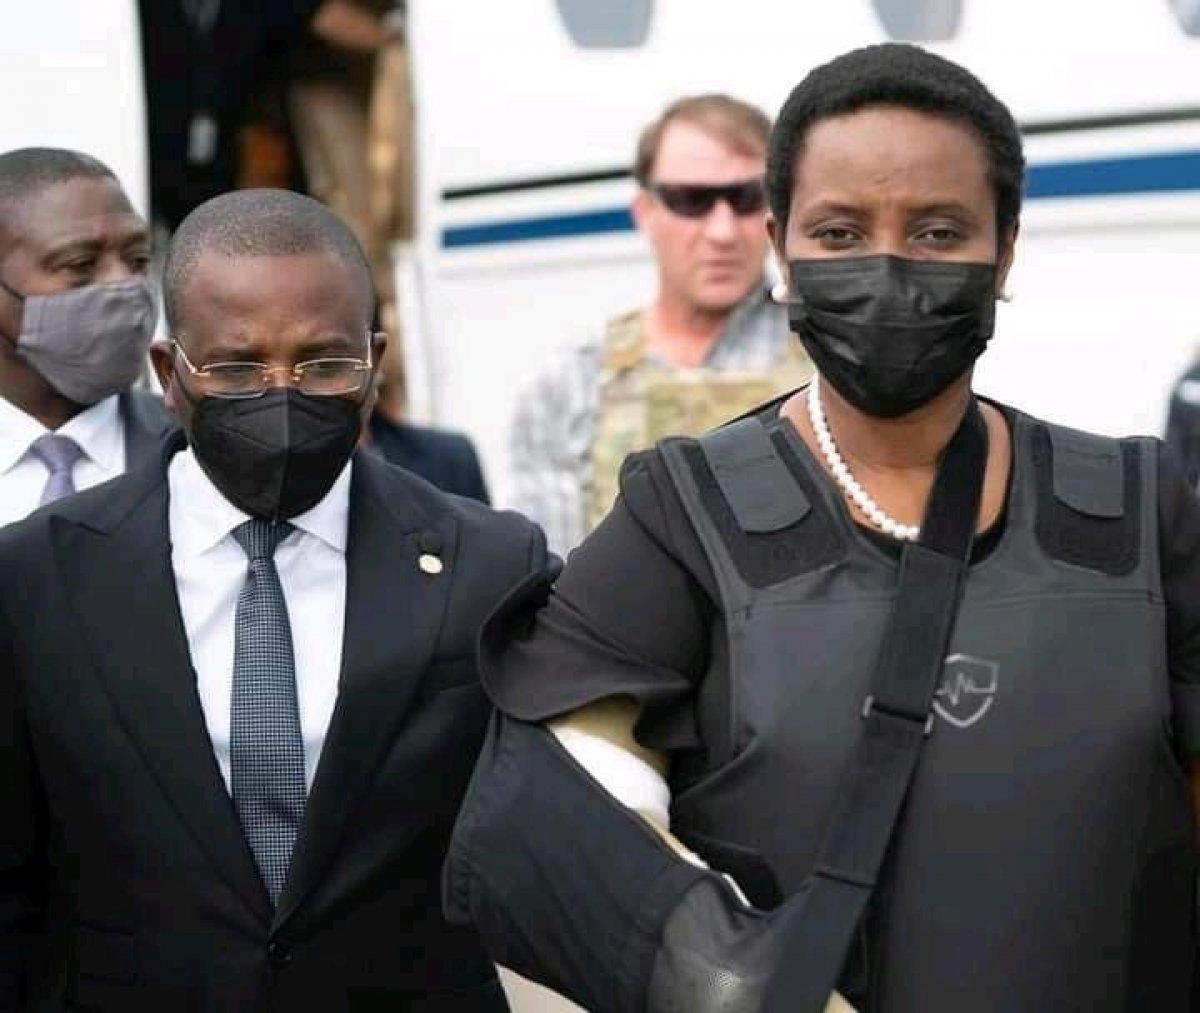 Martine Moise, suikast girişiminin ardından Haiti ye döndü #1